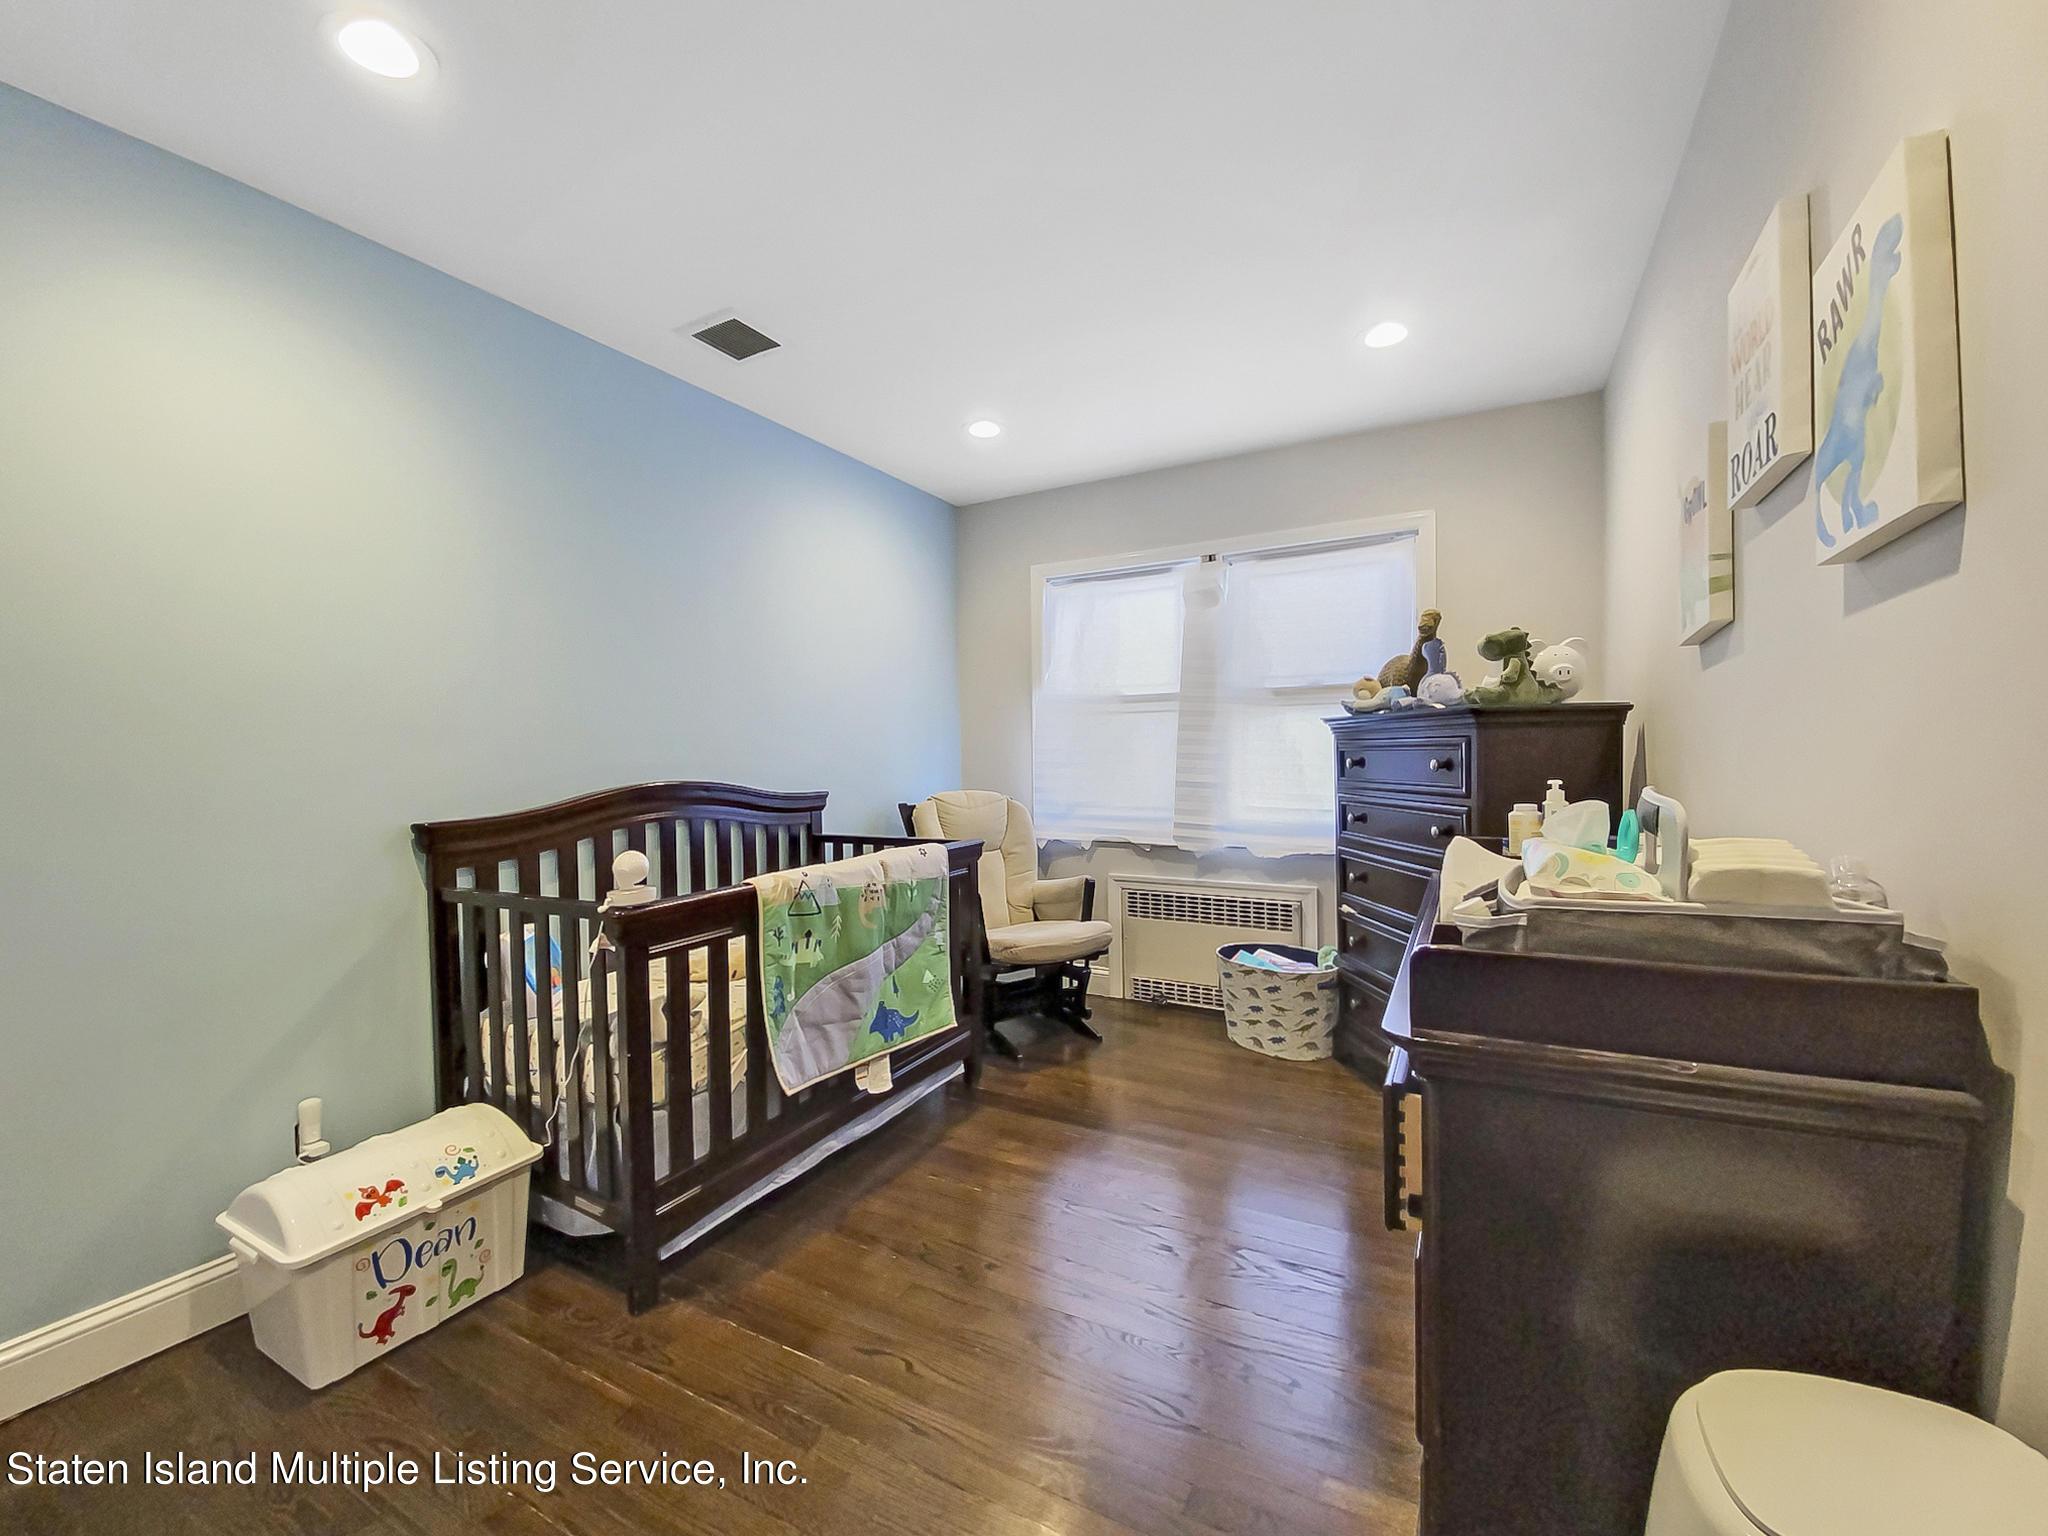 Single Family - Detached 543 Wainwright Avenue  Staten Island, NY 10312, MLS-1143141-5